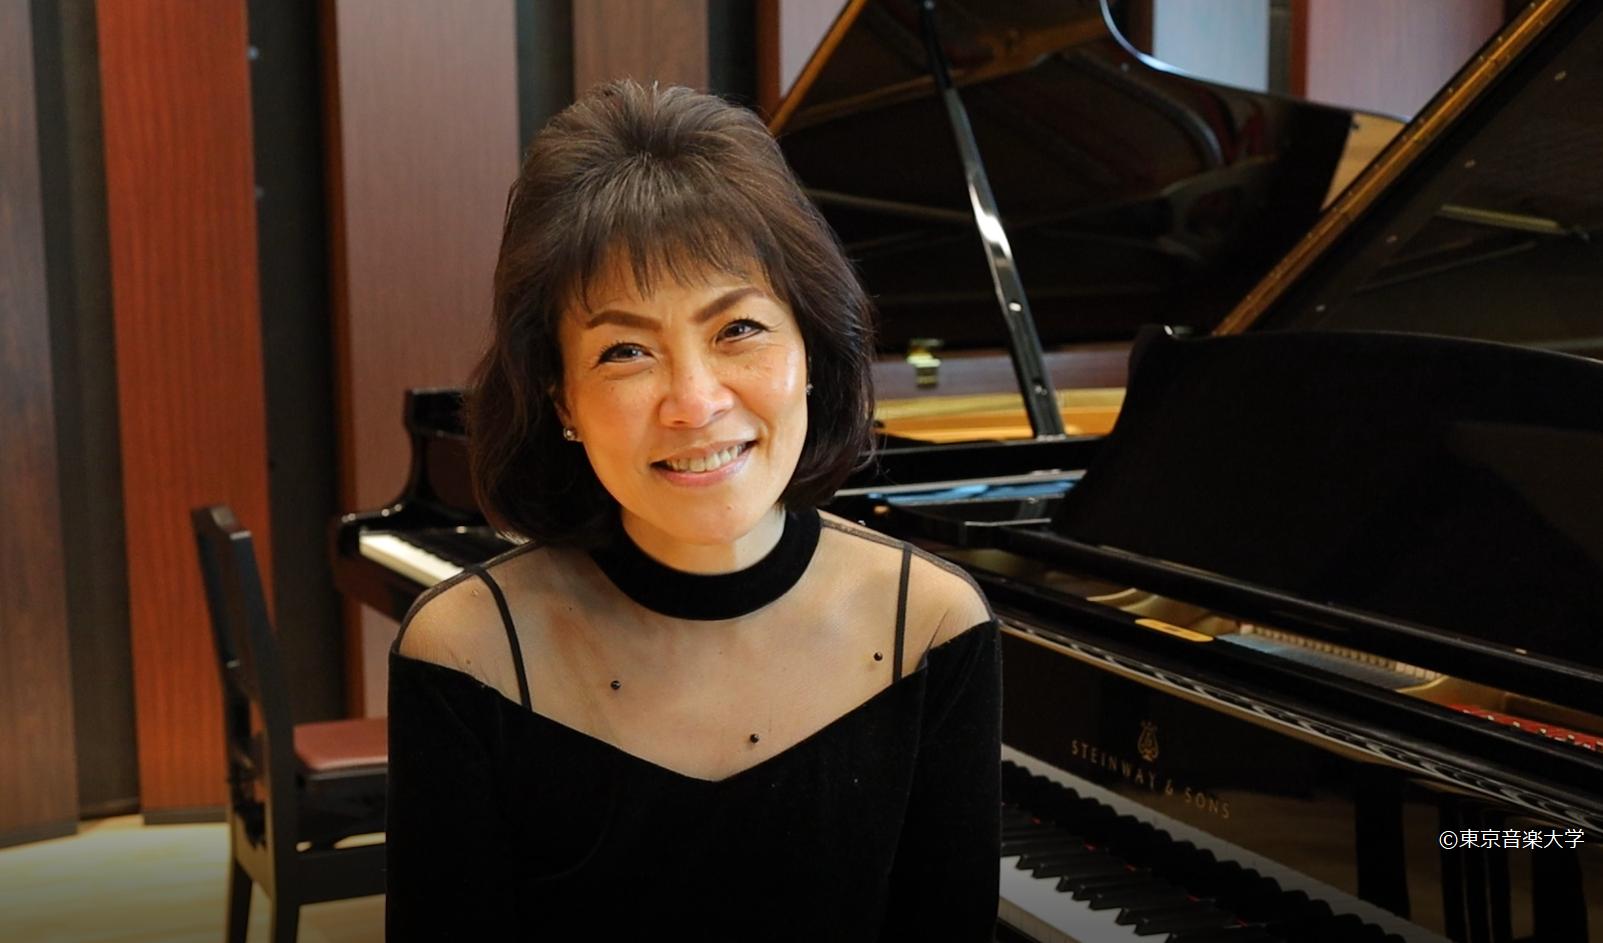 教員インタビューシリーズ 第3回 小川典子特任教授(ピアノ)を掲載しました